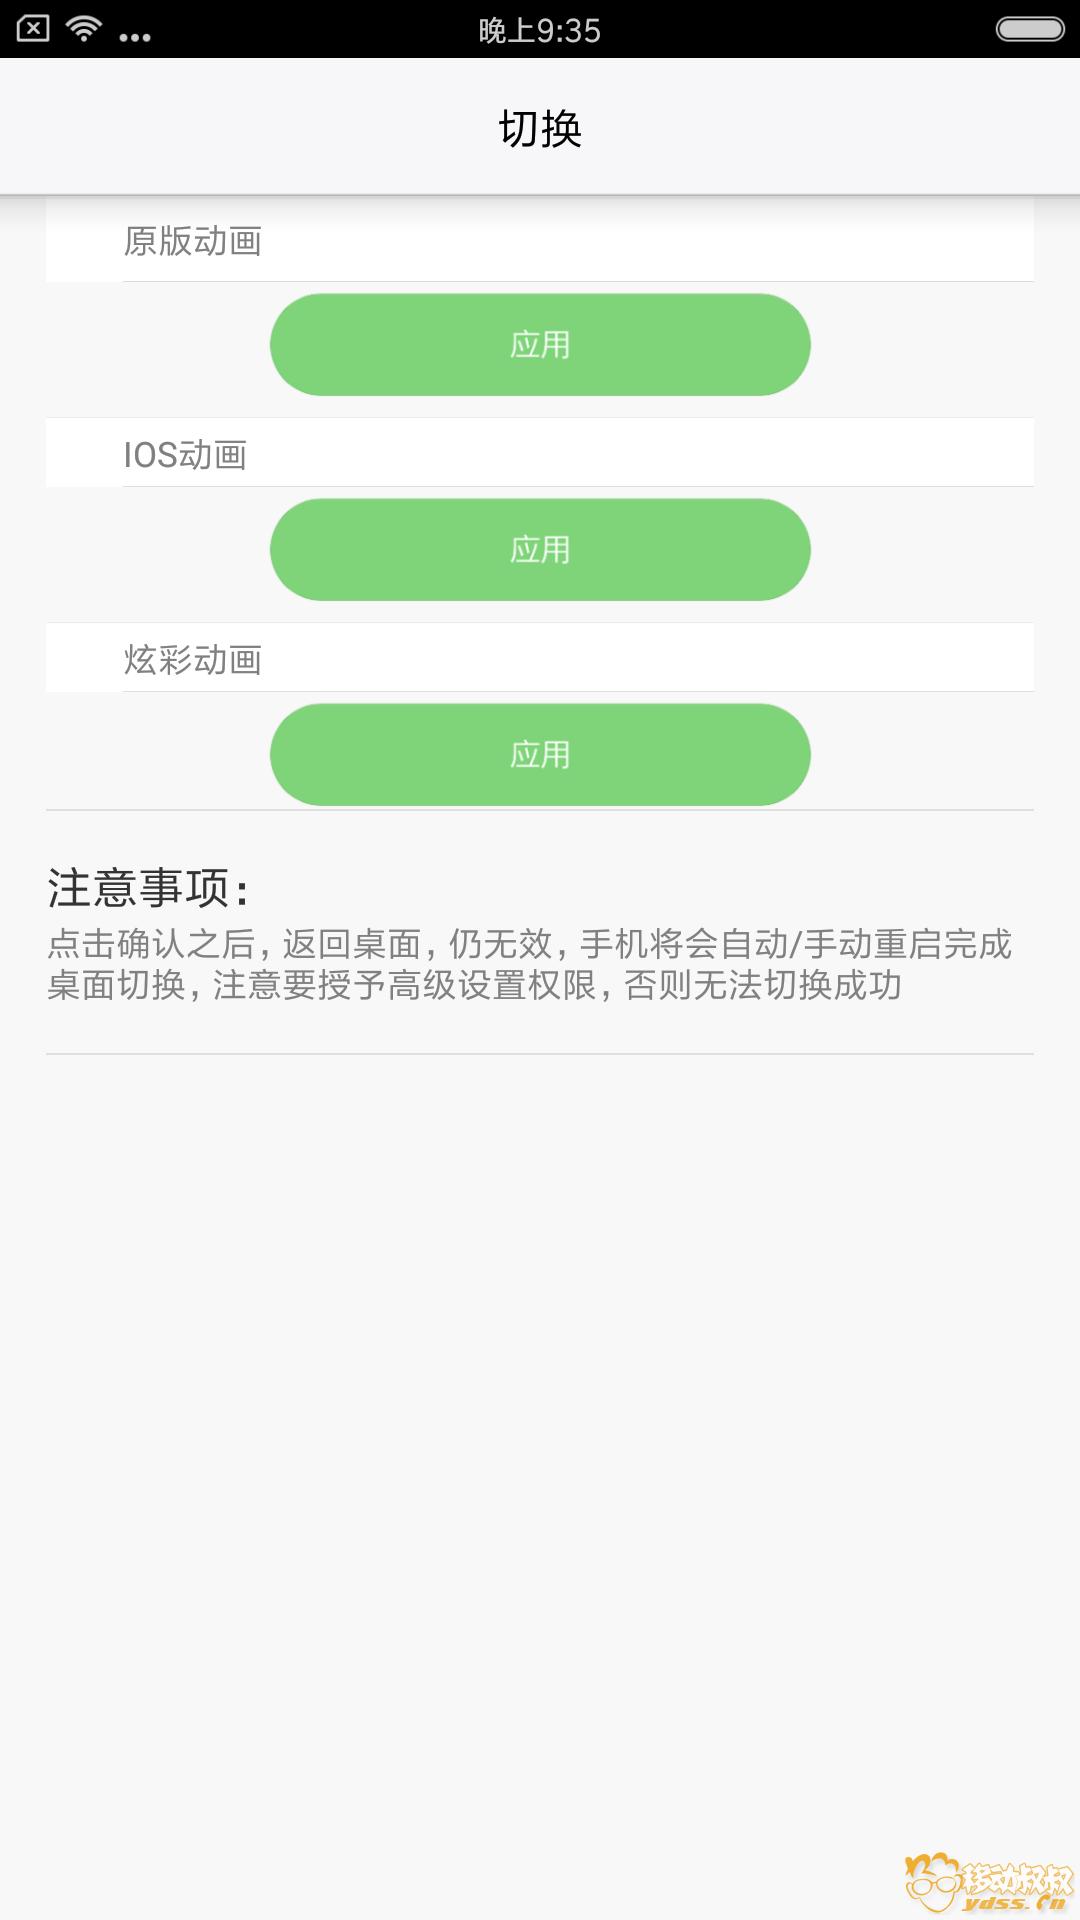 Screenshot_2017-08-12-21-35-46-268_com.makelove.settings.png